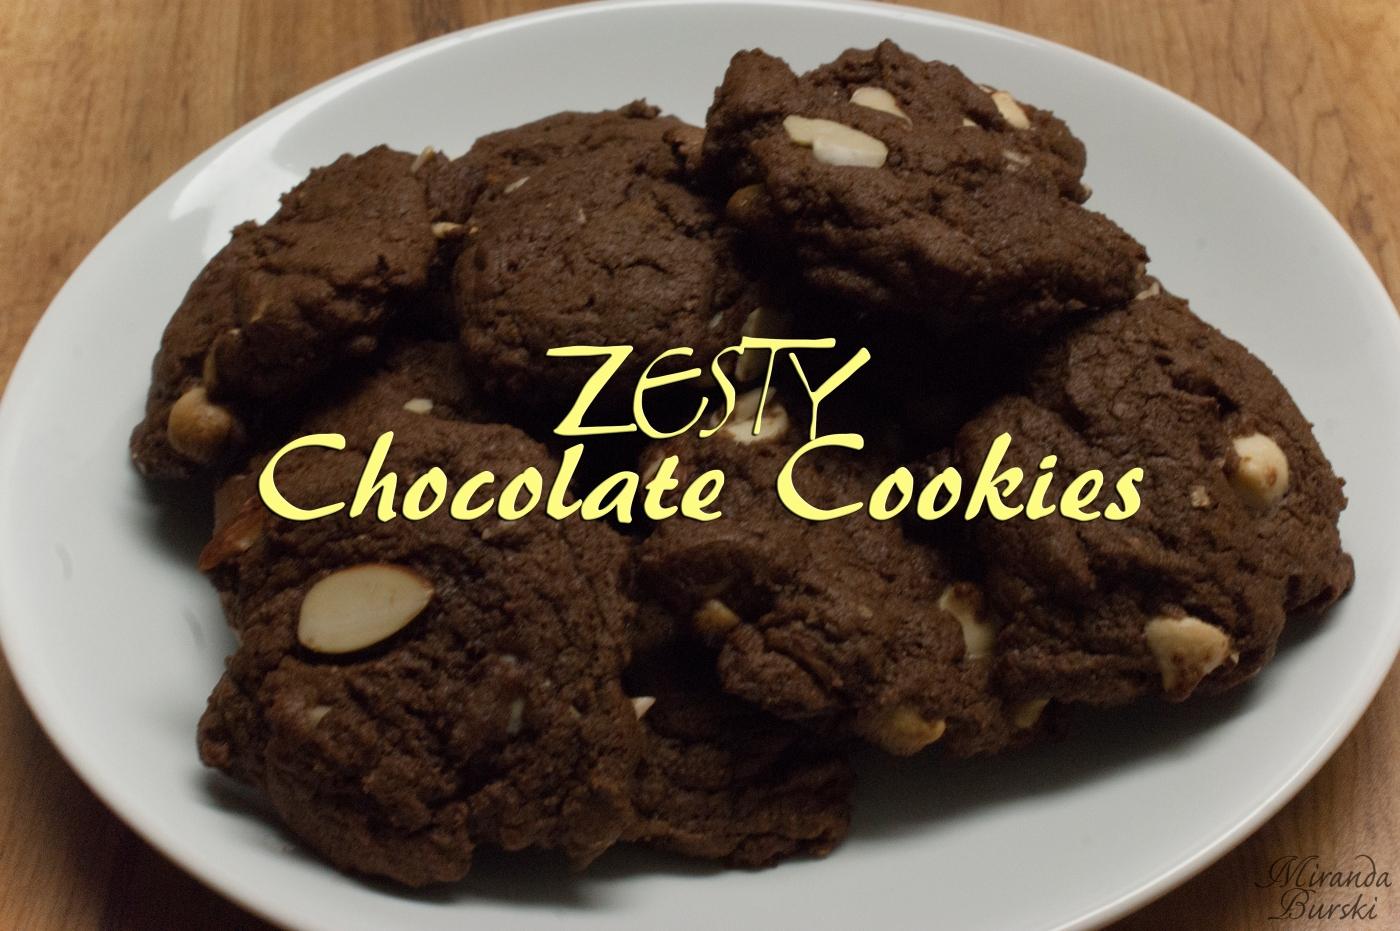 Zesty Chocolate Cookies